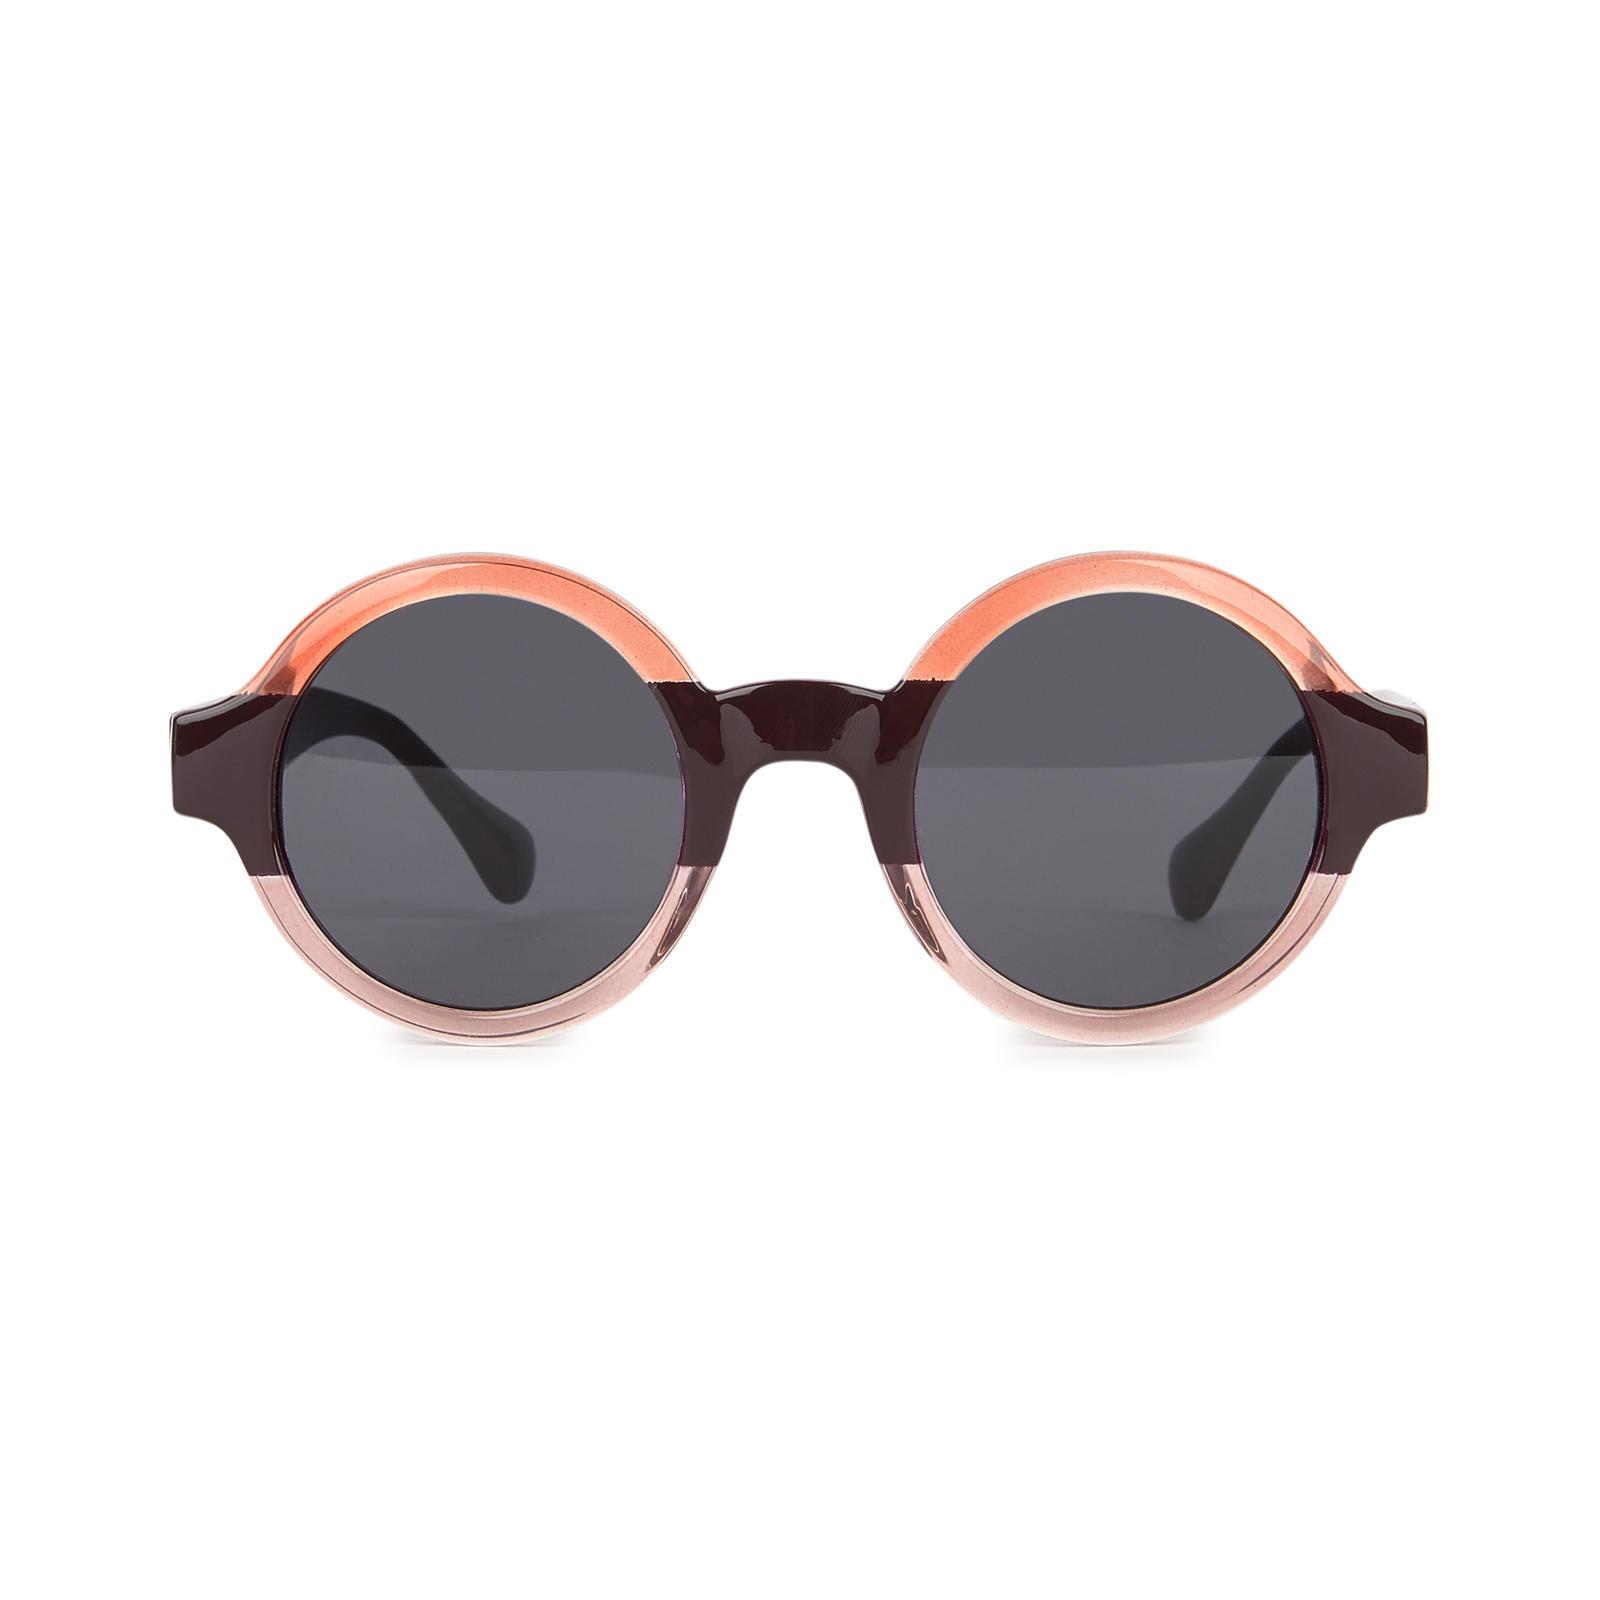 Molo Sunglasses